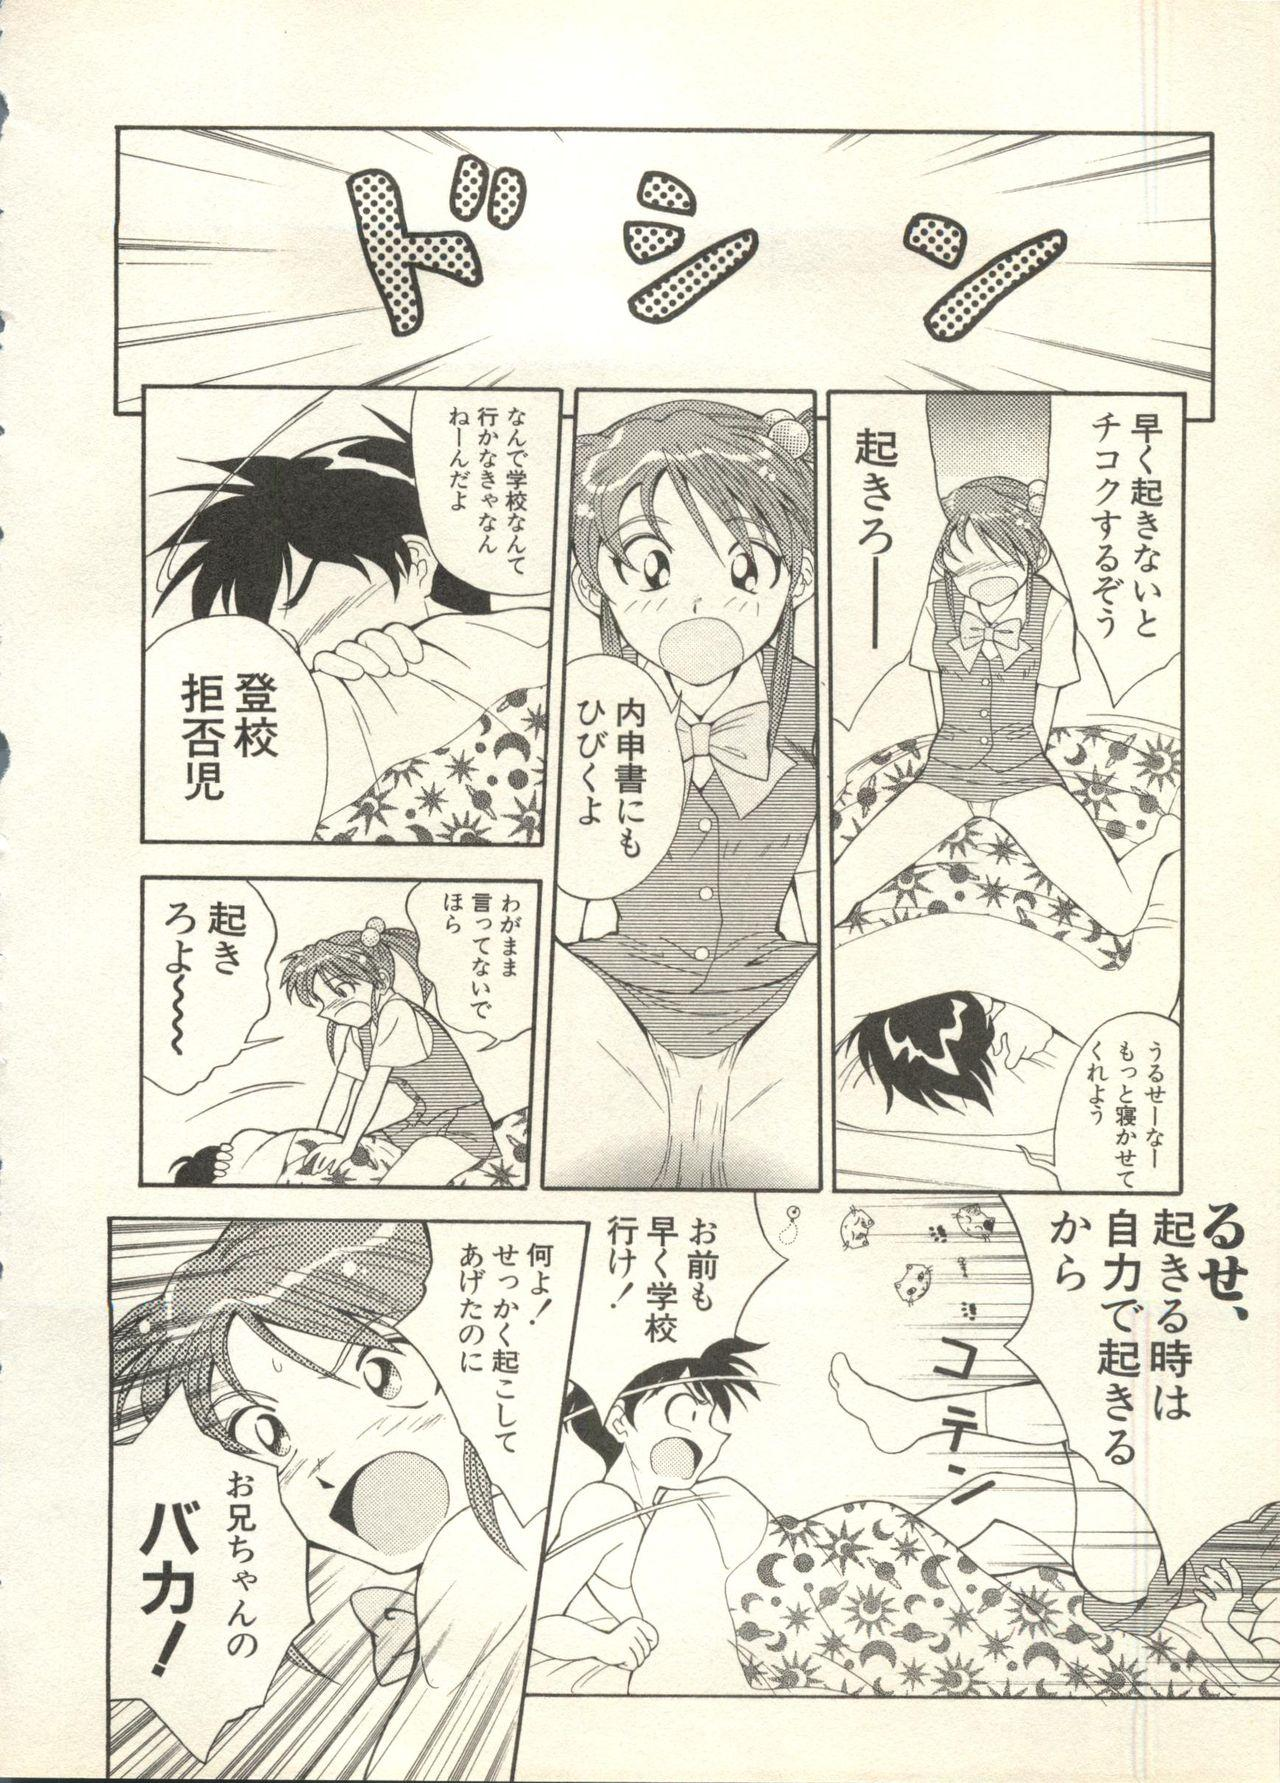 Pai;kuu 1998 July Vol. 11 202